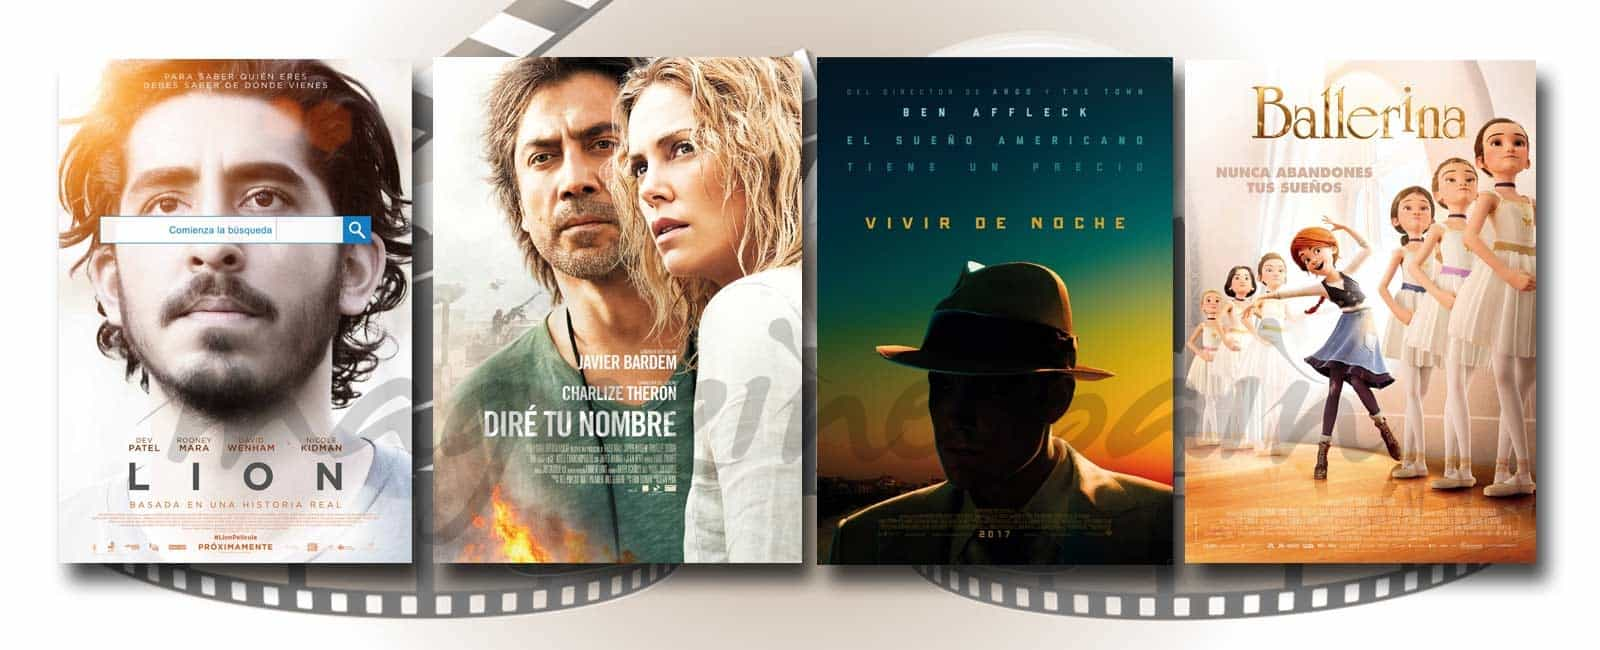 Estrenos de Cine de la Semana… 27 de Enero 2017